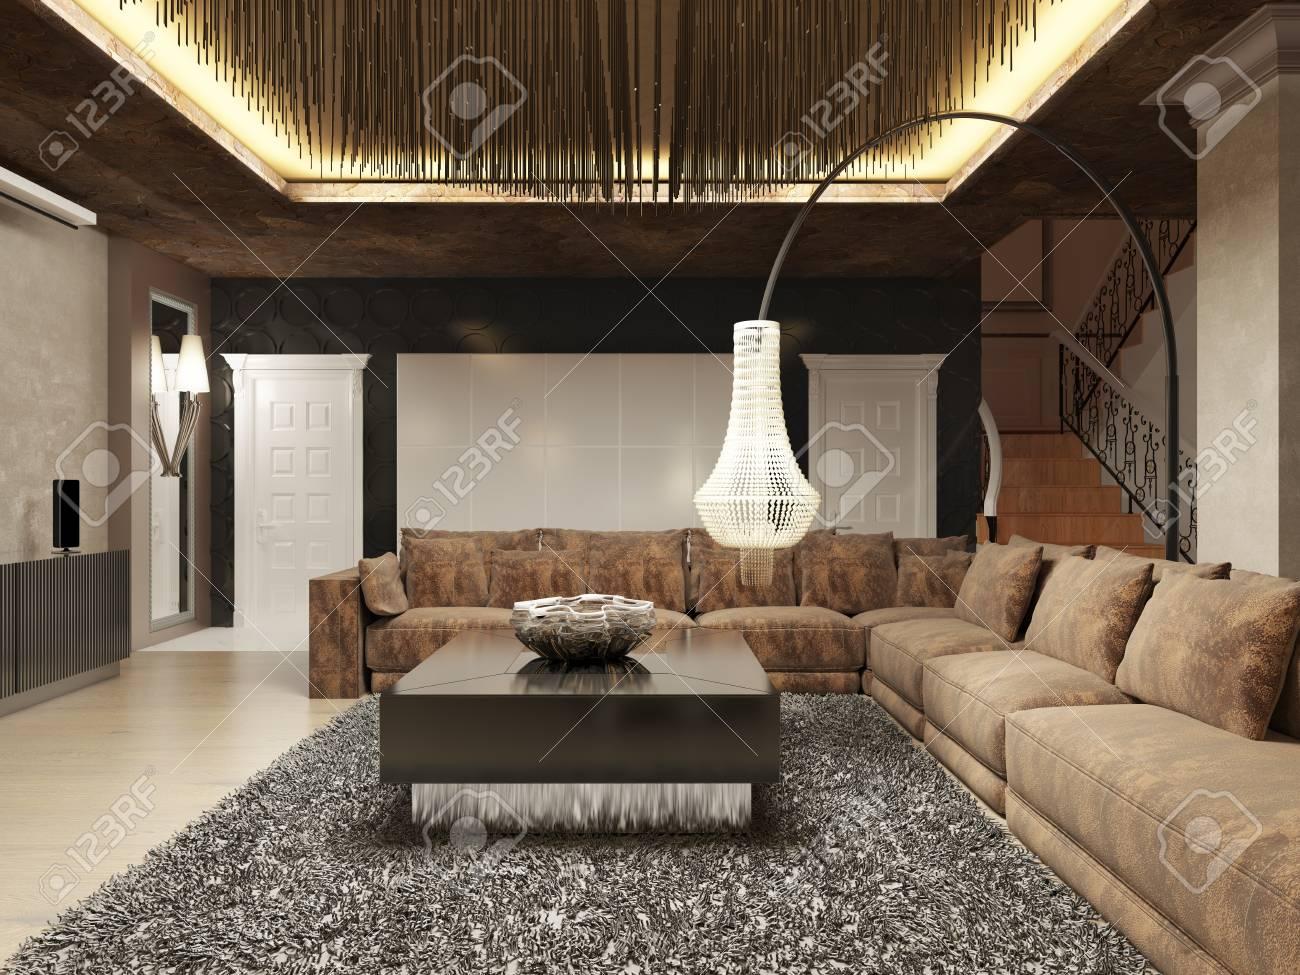 Soggiorno moderno di lusso in stile Art Deco nei toni del marrone scuro. Il  design è realizzato in marrone e giallo. Rendering 3D